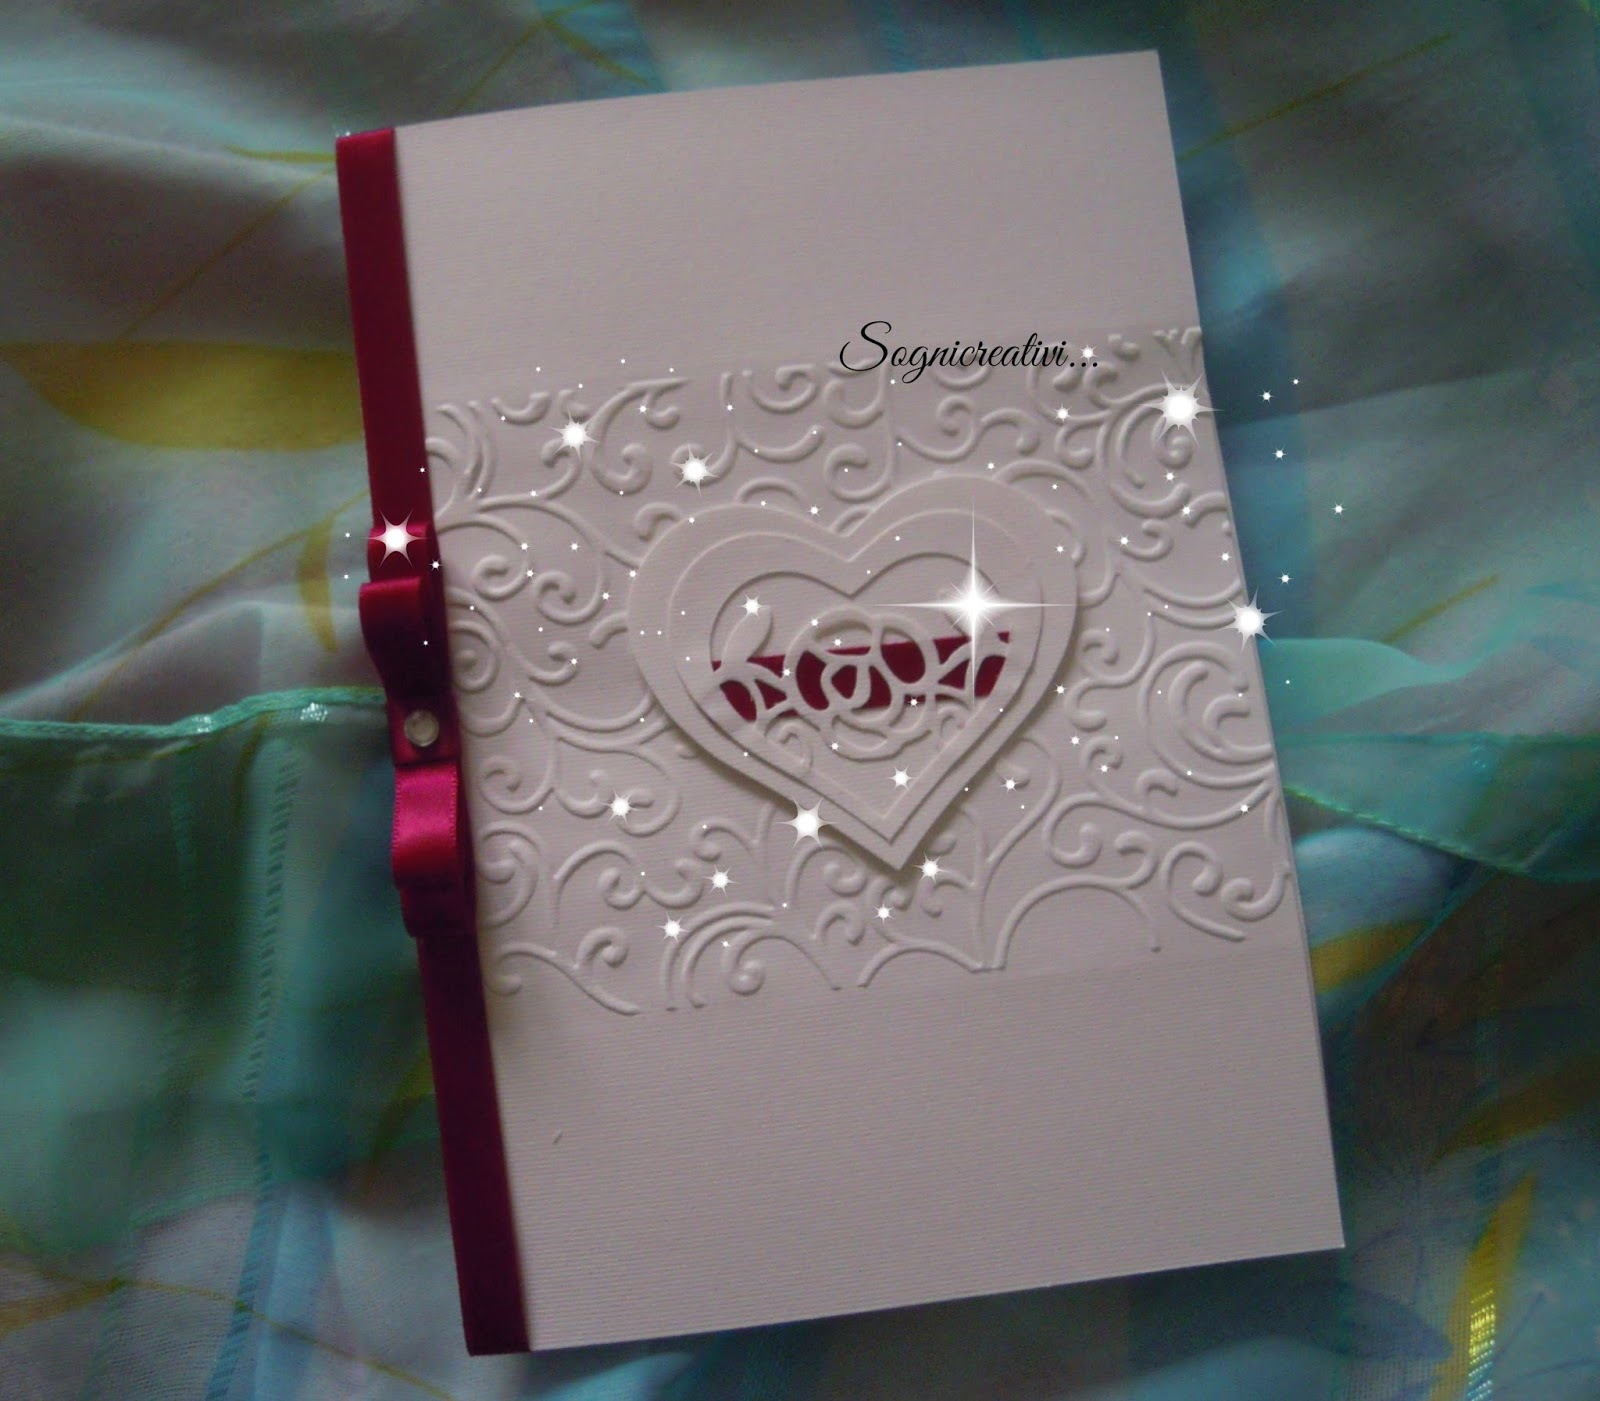 Eccezionale Partecipazioni Sognicreativi Wedding and Events: Partecipazione  KC09